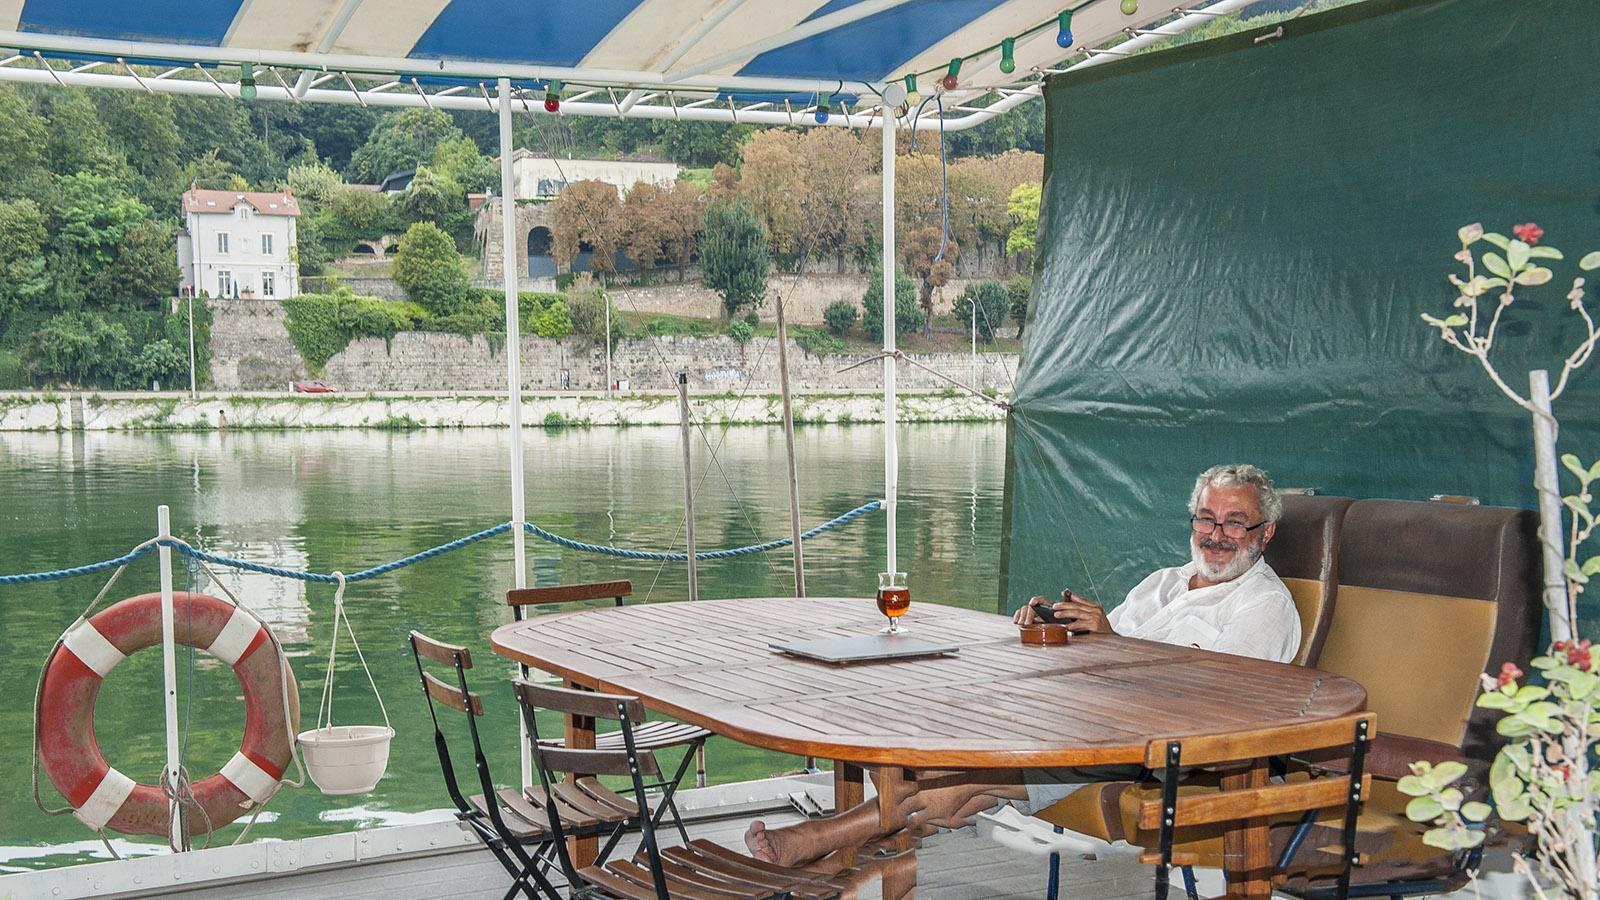 Leben auf dem Wasser am Ufer der Saône am Kai von La Confluence. Foto: Hilke Maunder